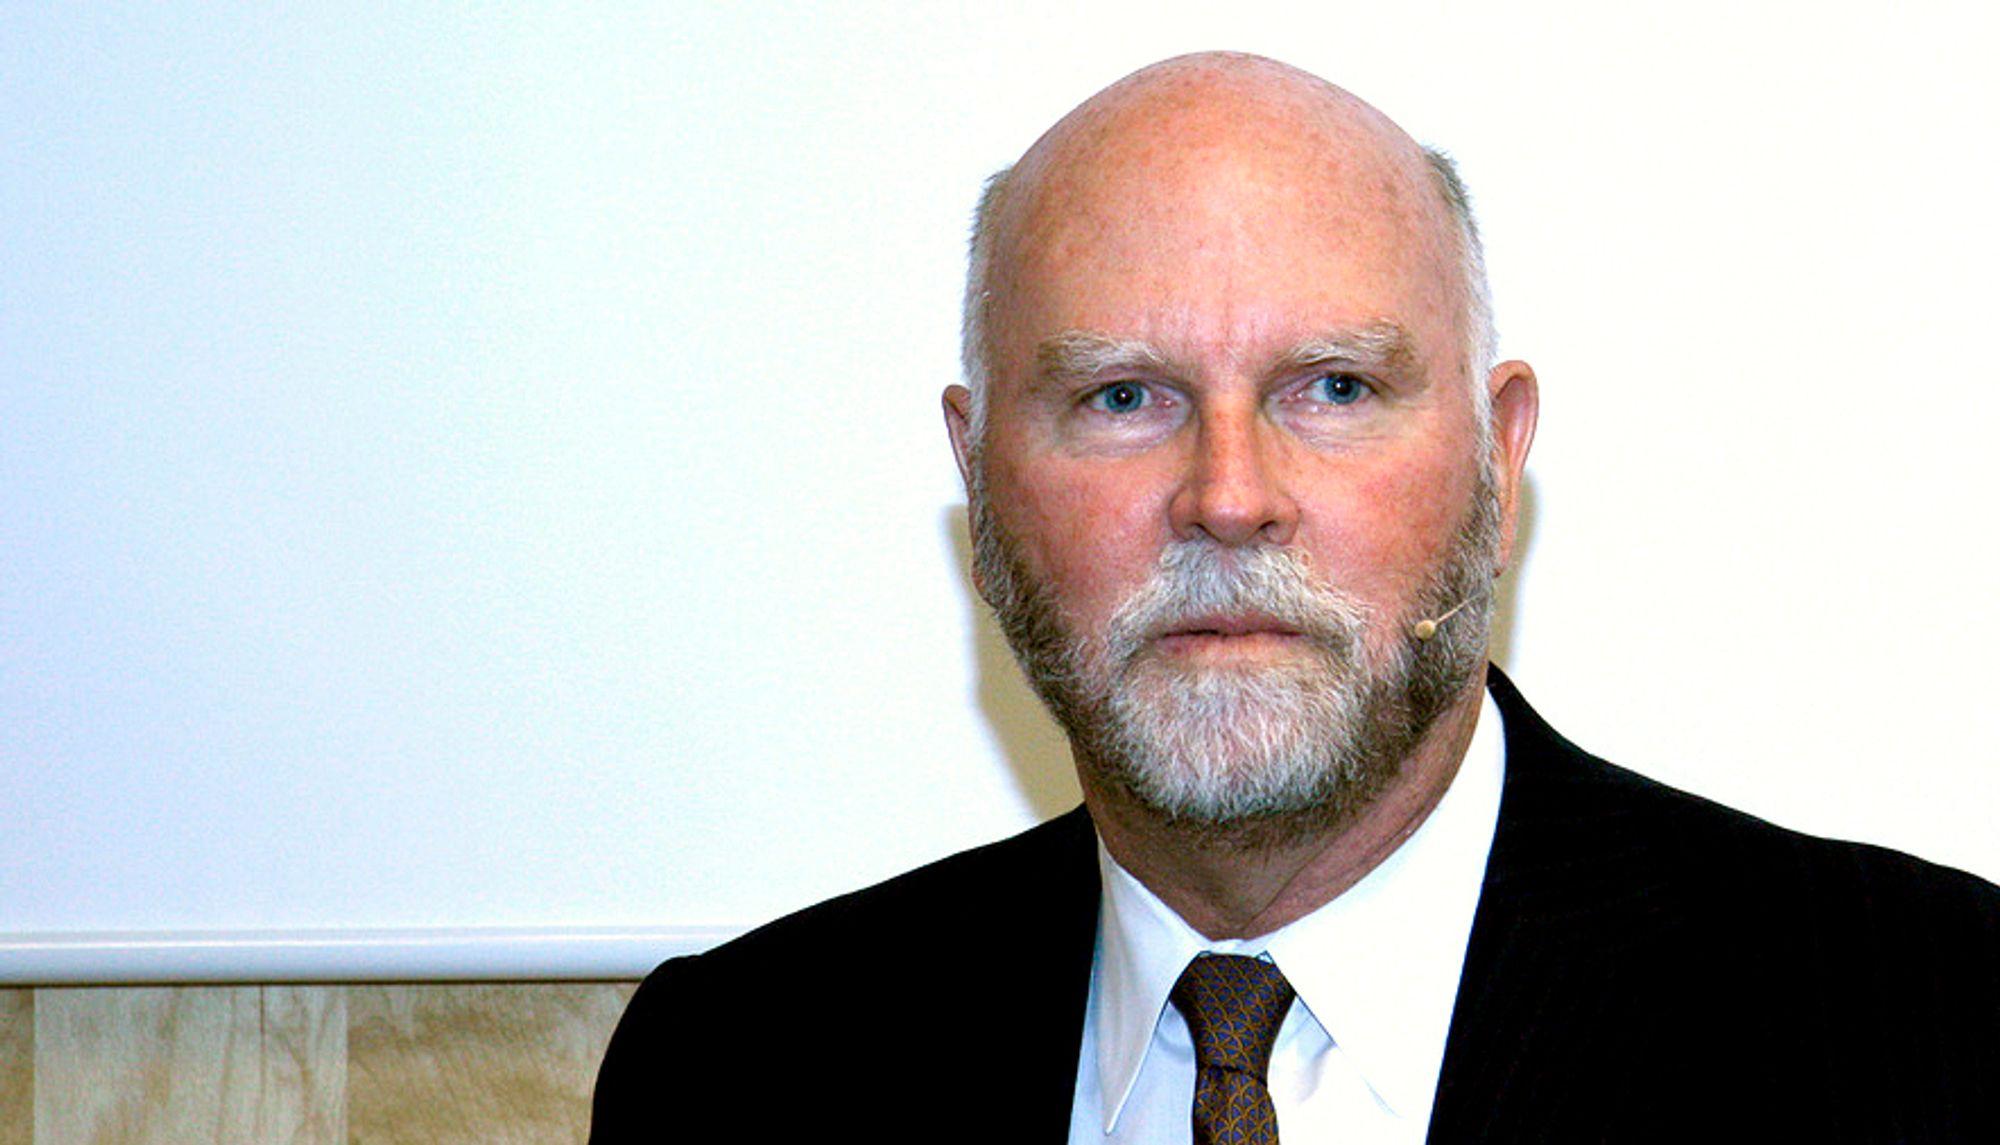 ROCKSTARCraig Venter er av mange omtalt som biologiens rockestjerne. Det var han som for ti år siden fikk fart på og gjennomført sekvenseringen av det menneskelige genom.